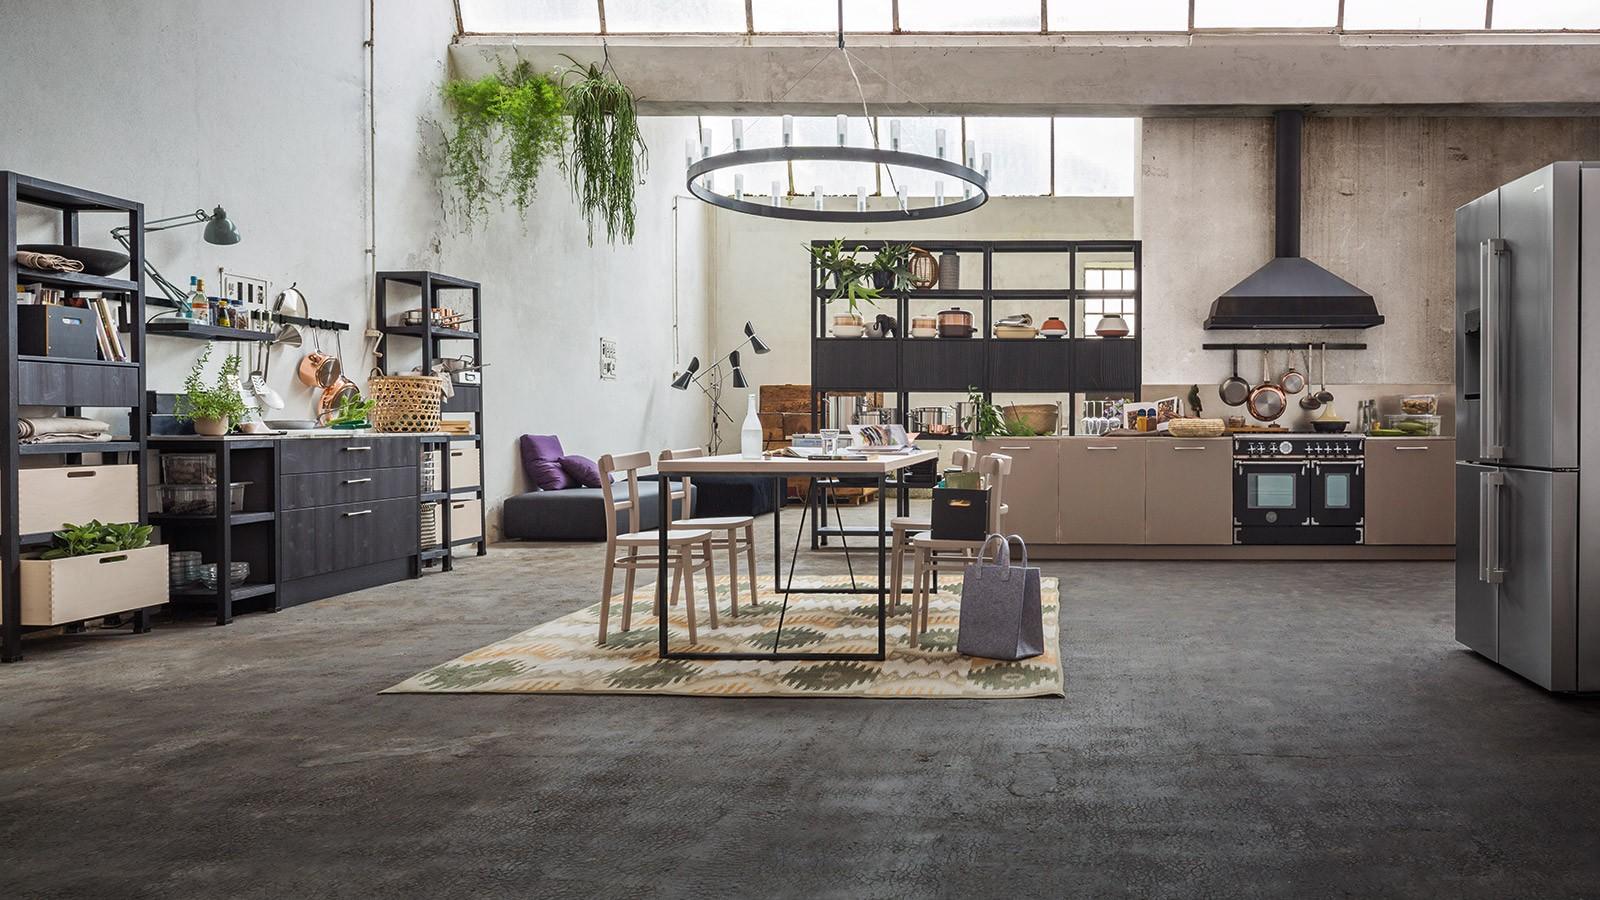 Sgabelli cucina legno e ferro: cucina moderna stile industry in